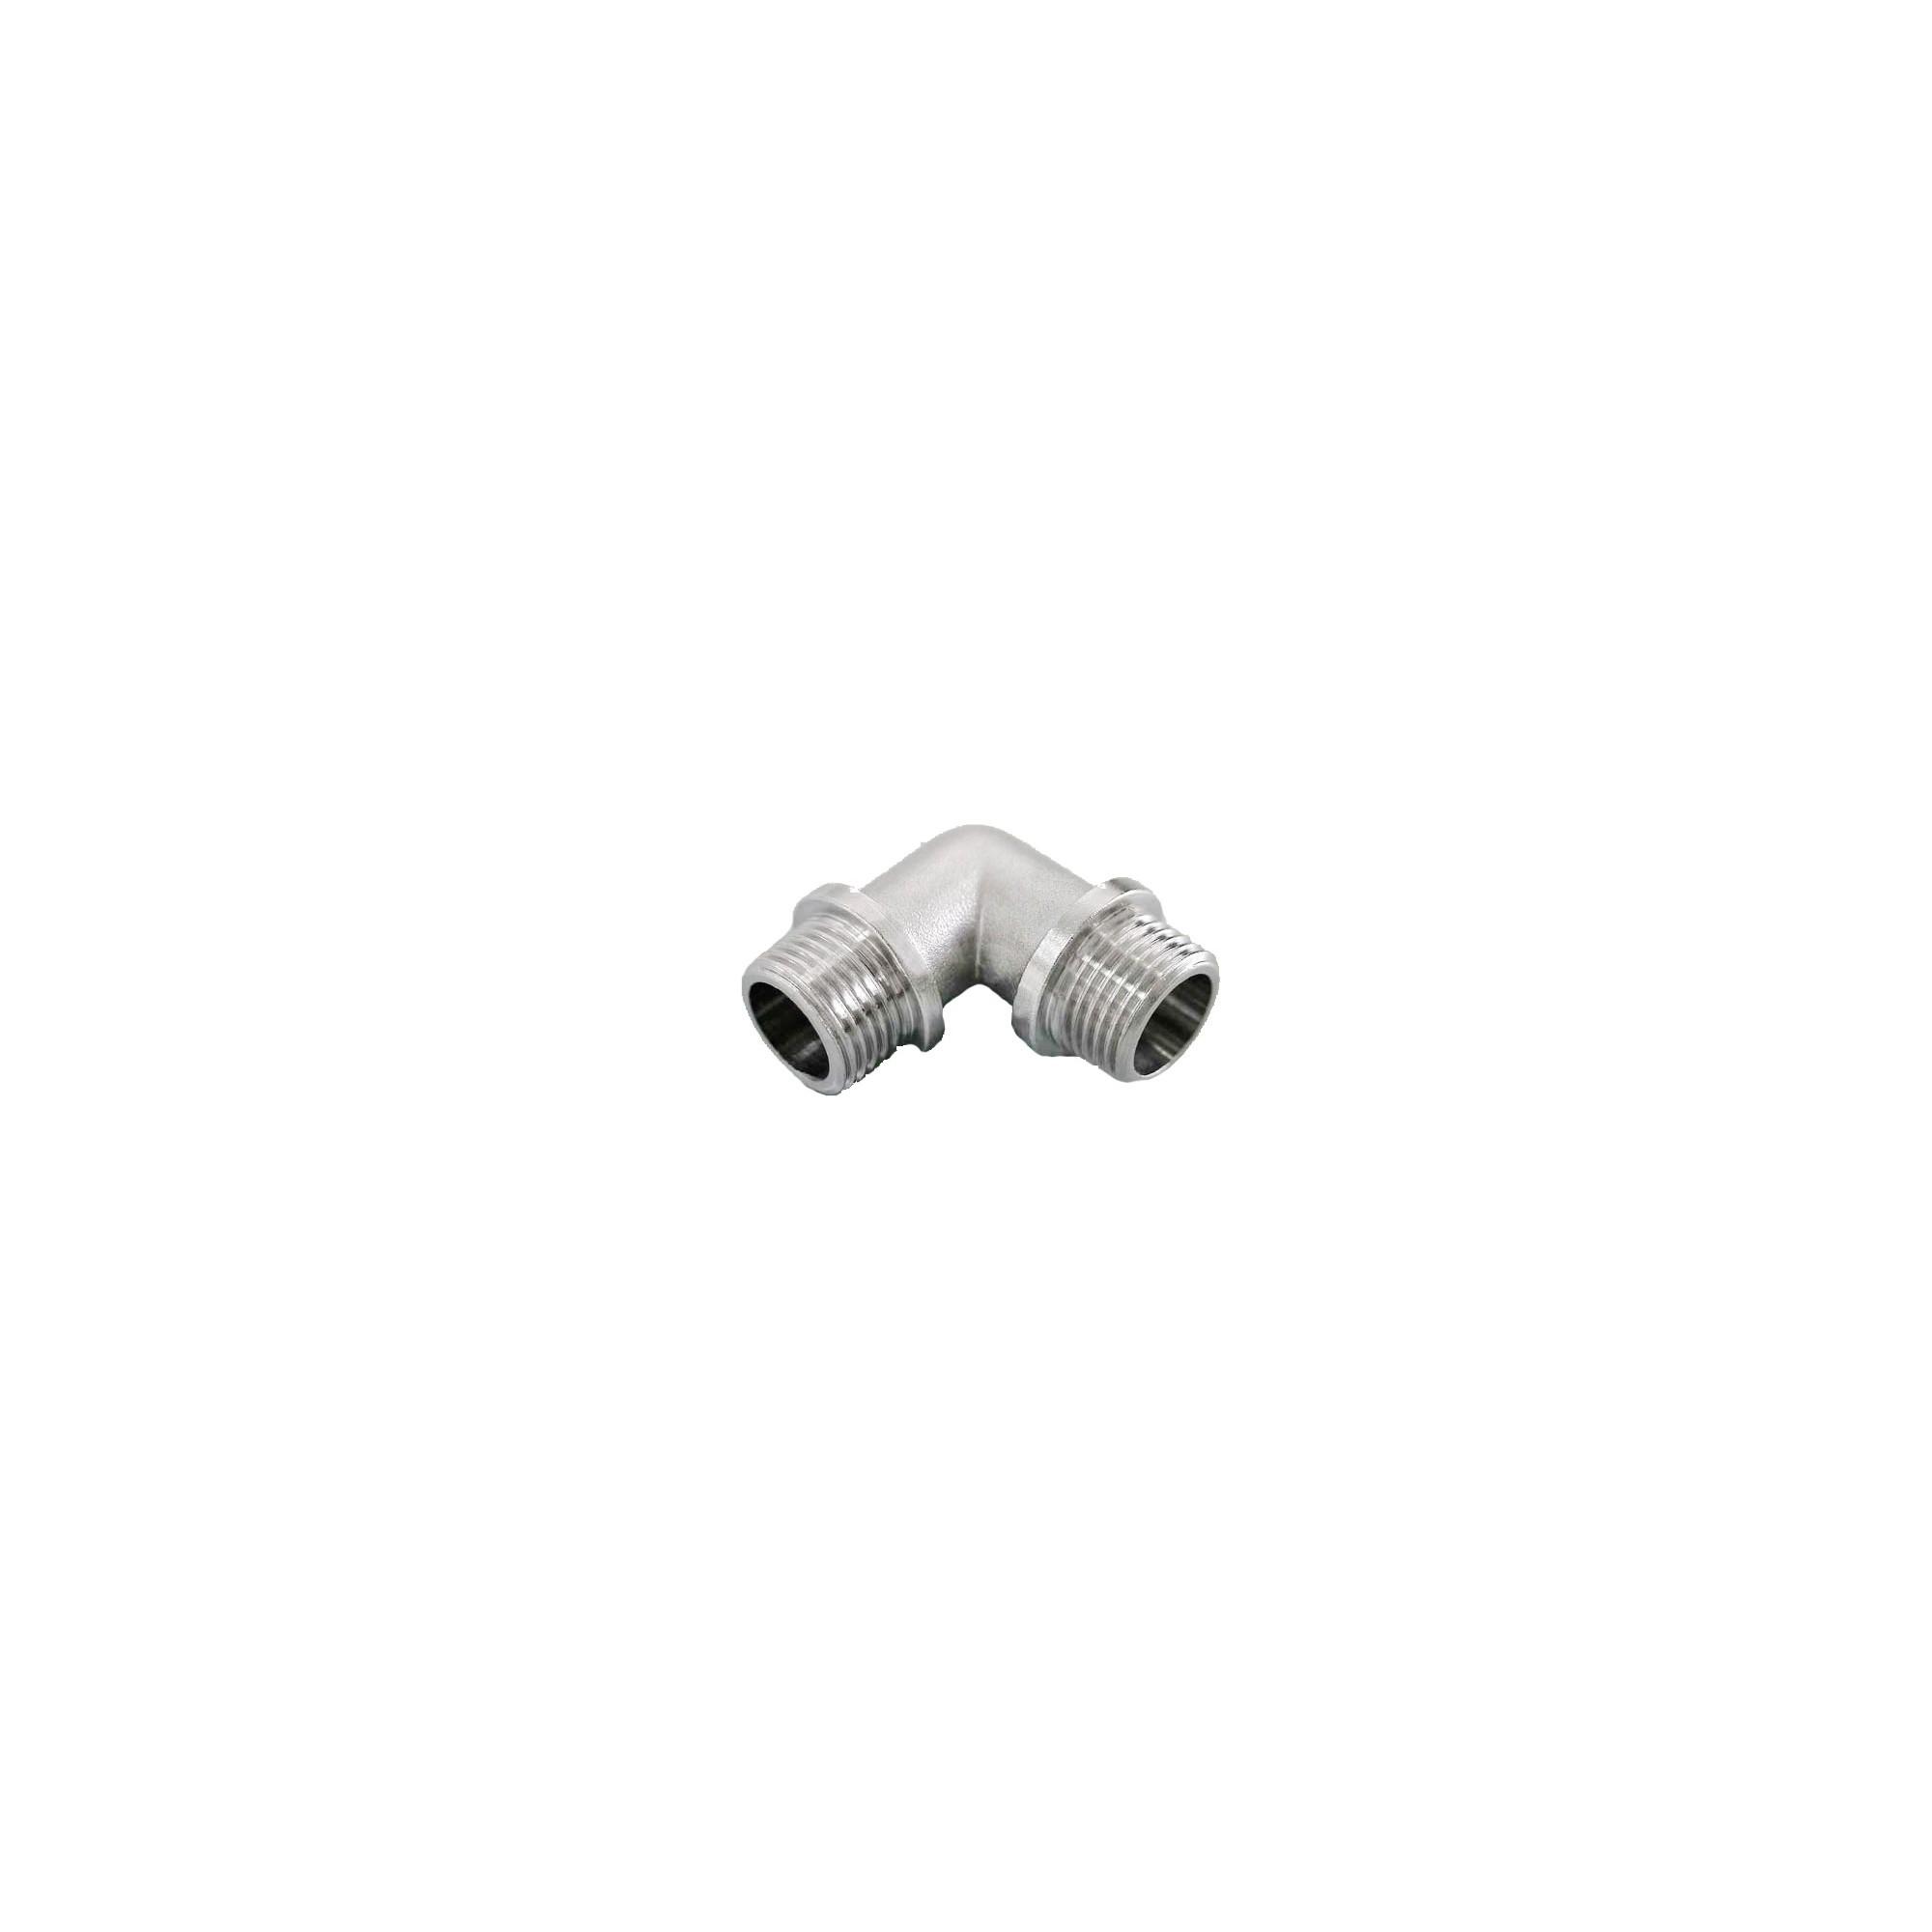 Угол 1/2 нн никелированный ANGO ANGO - 1